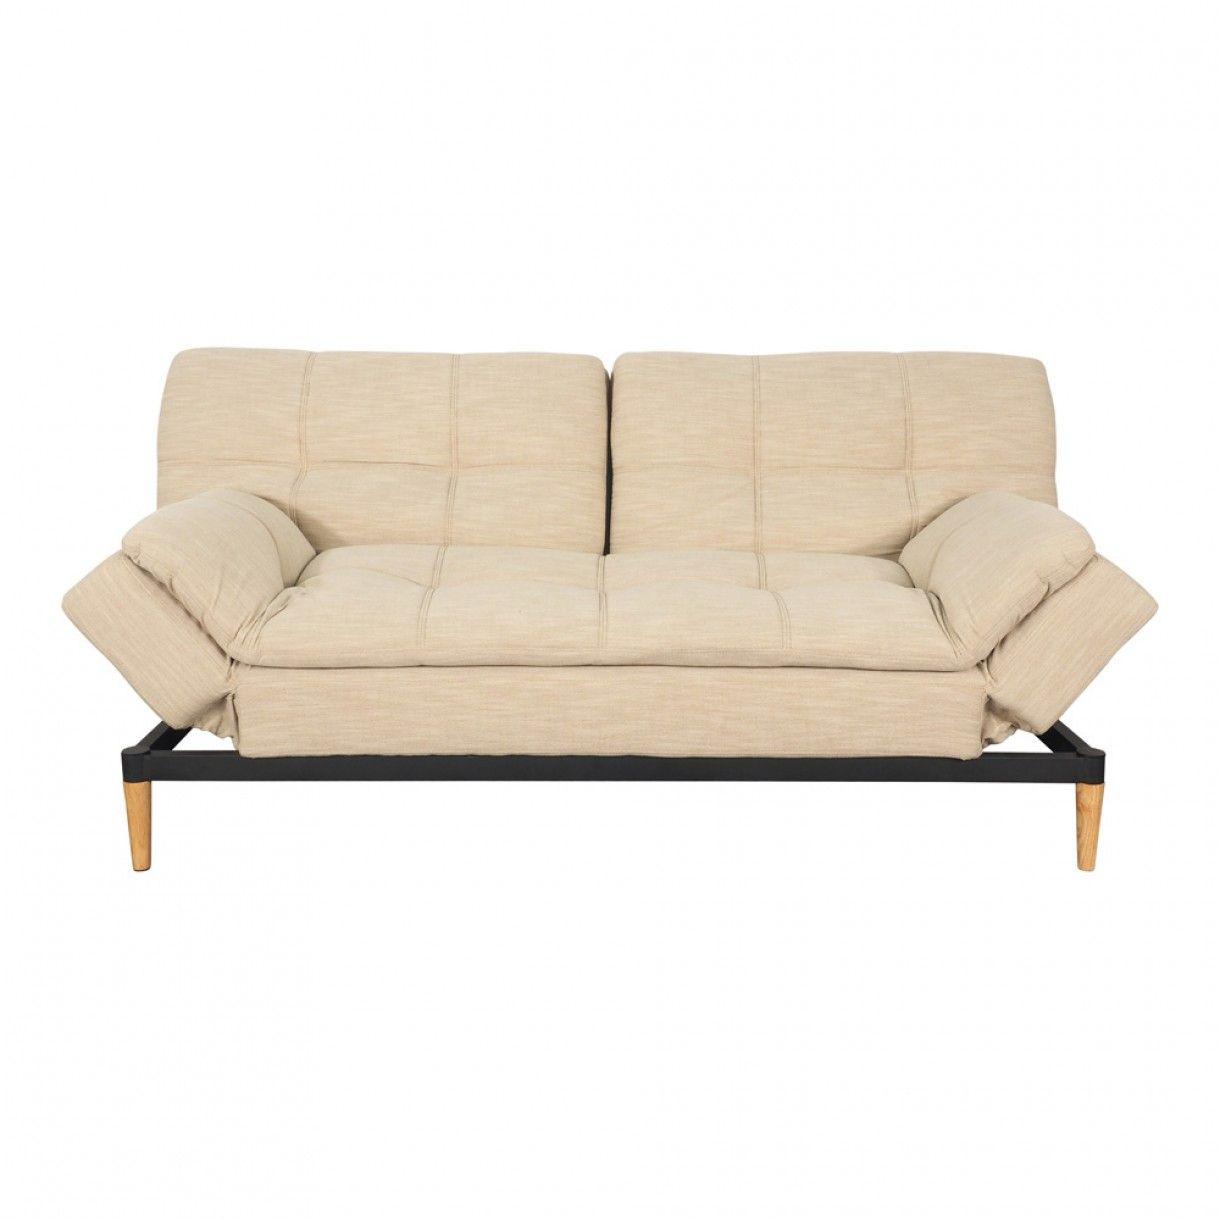 Da Vinci Sofa Bed Dune   Sofa, Sofa bed, Bed